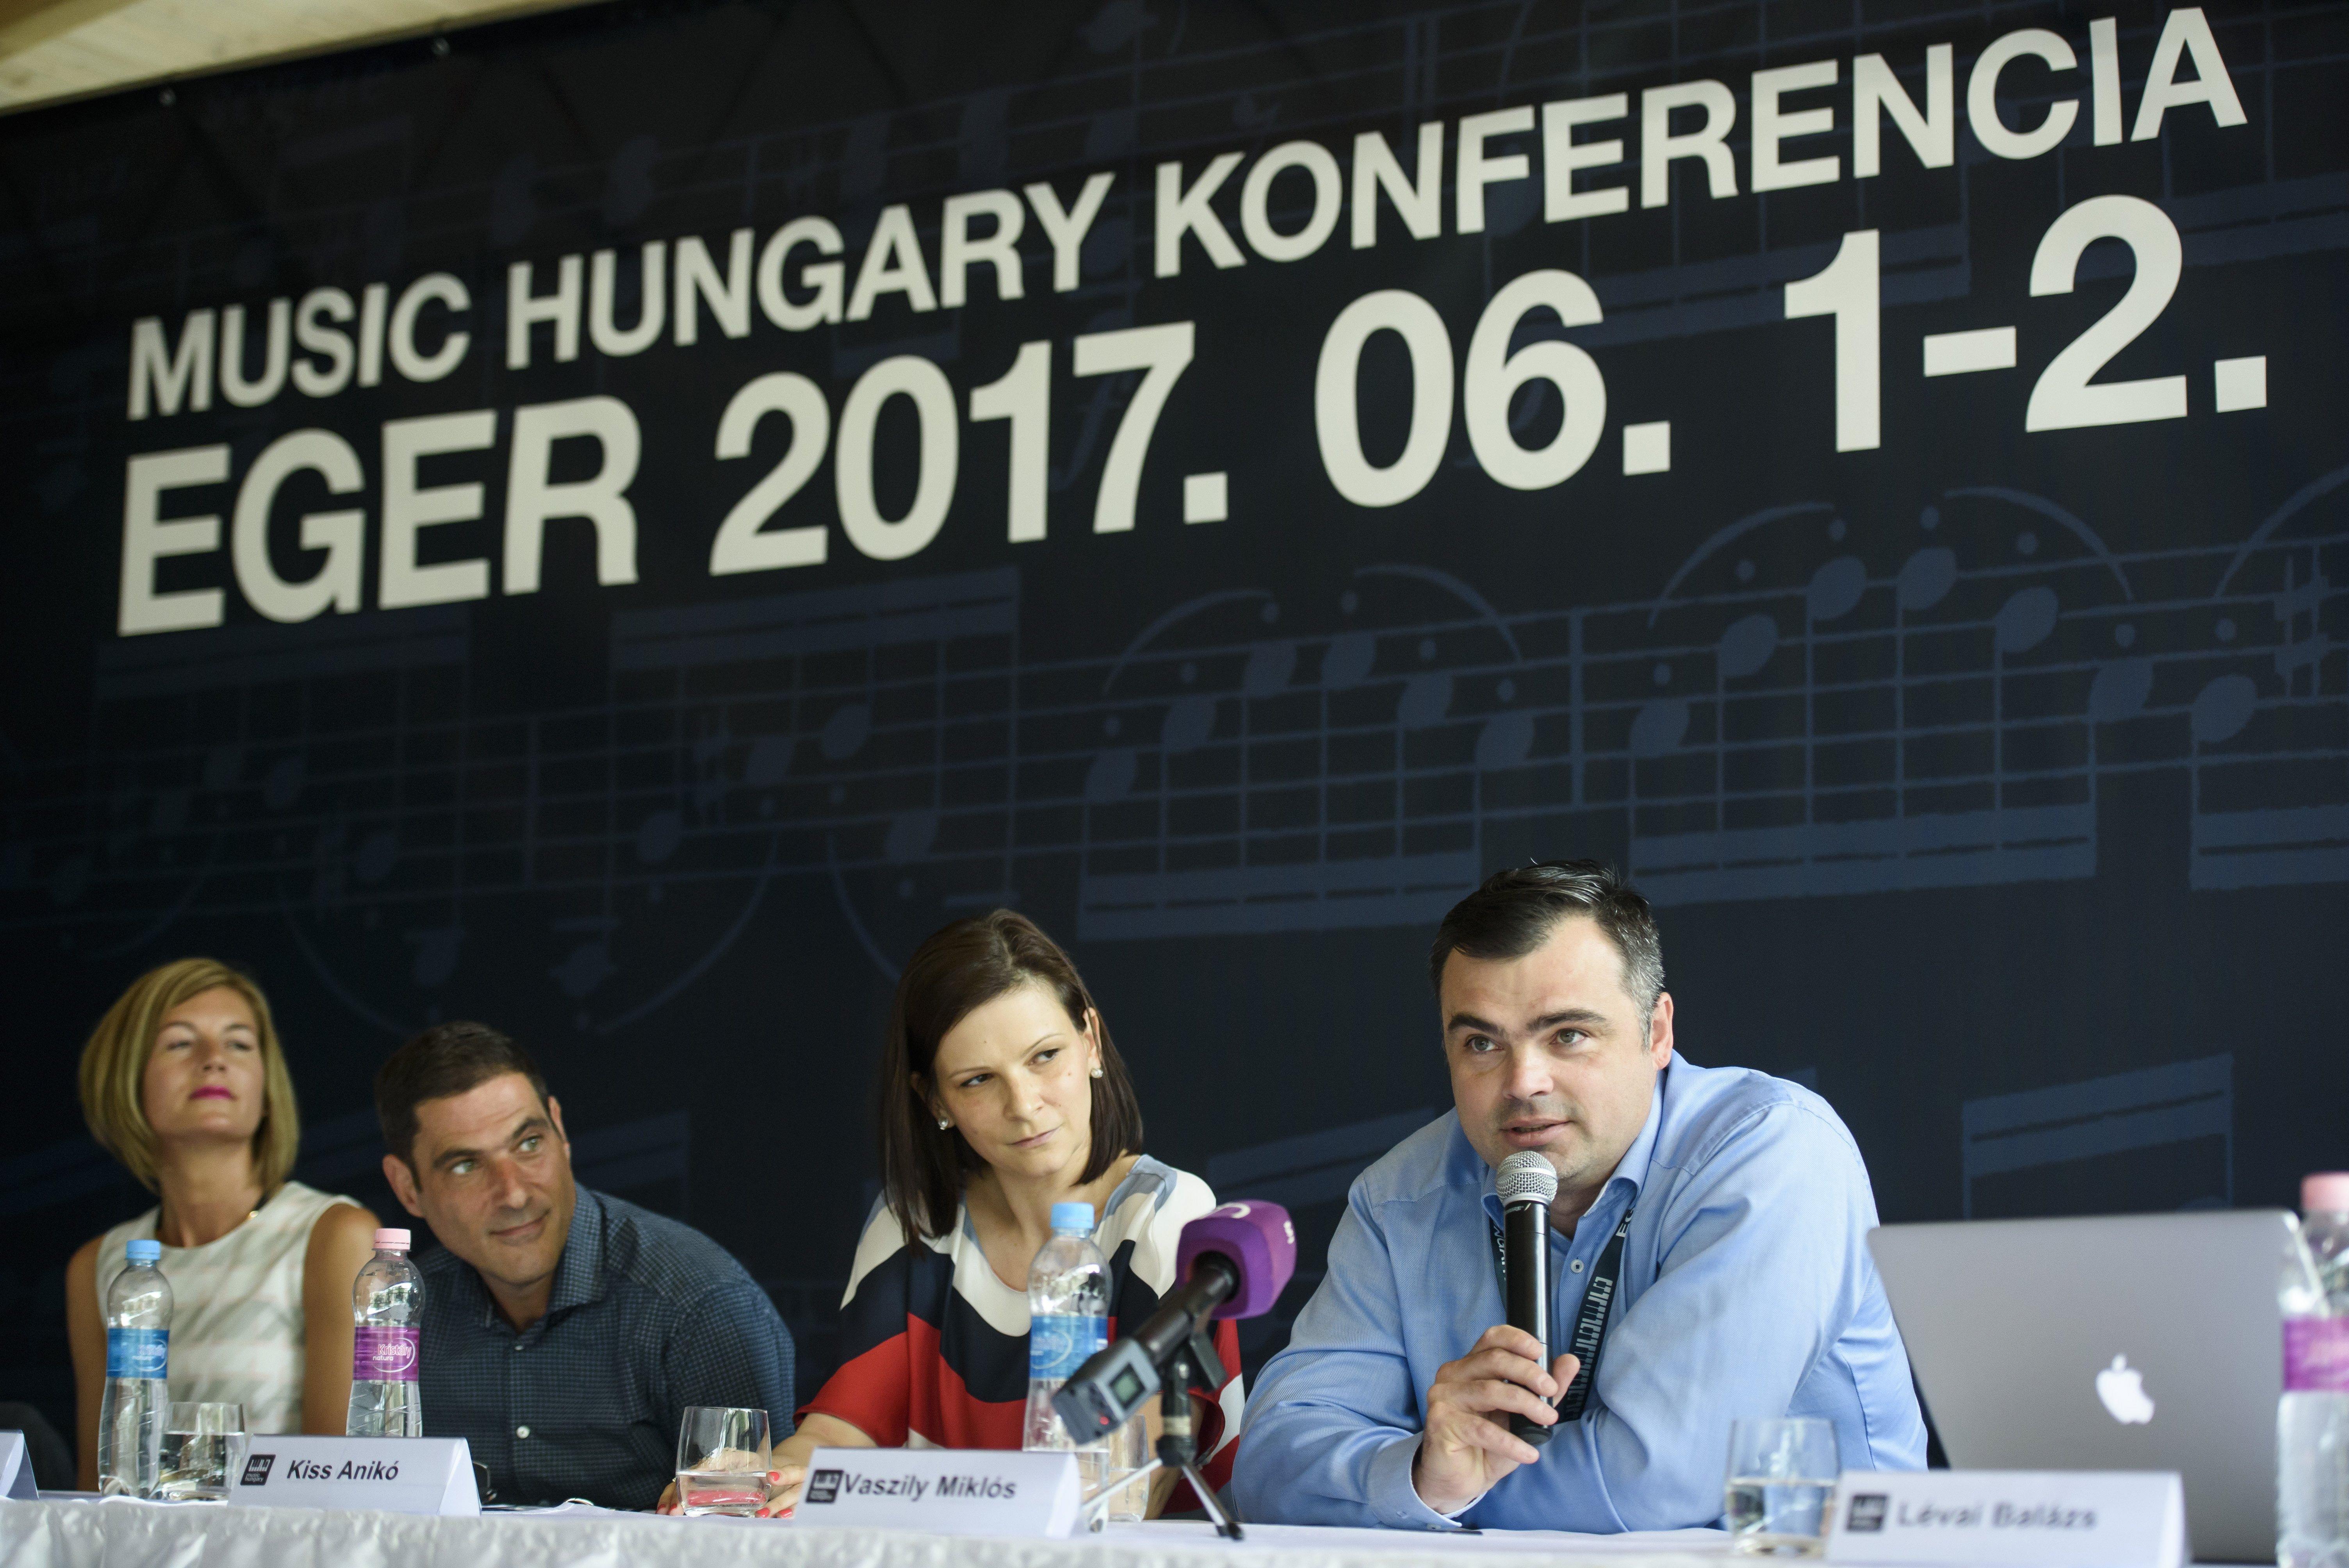 Index: Távozik a posztjáról Vaszily Miklós, az MTVA vezérigazgatója